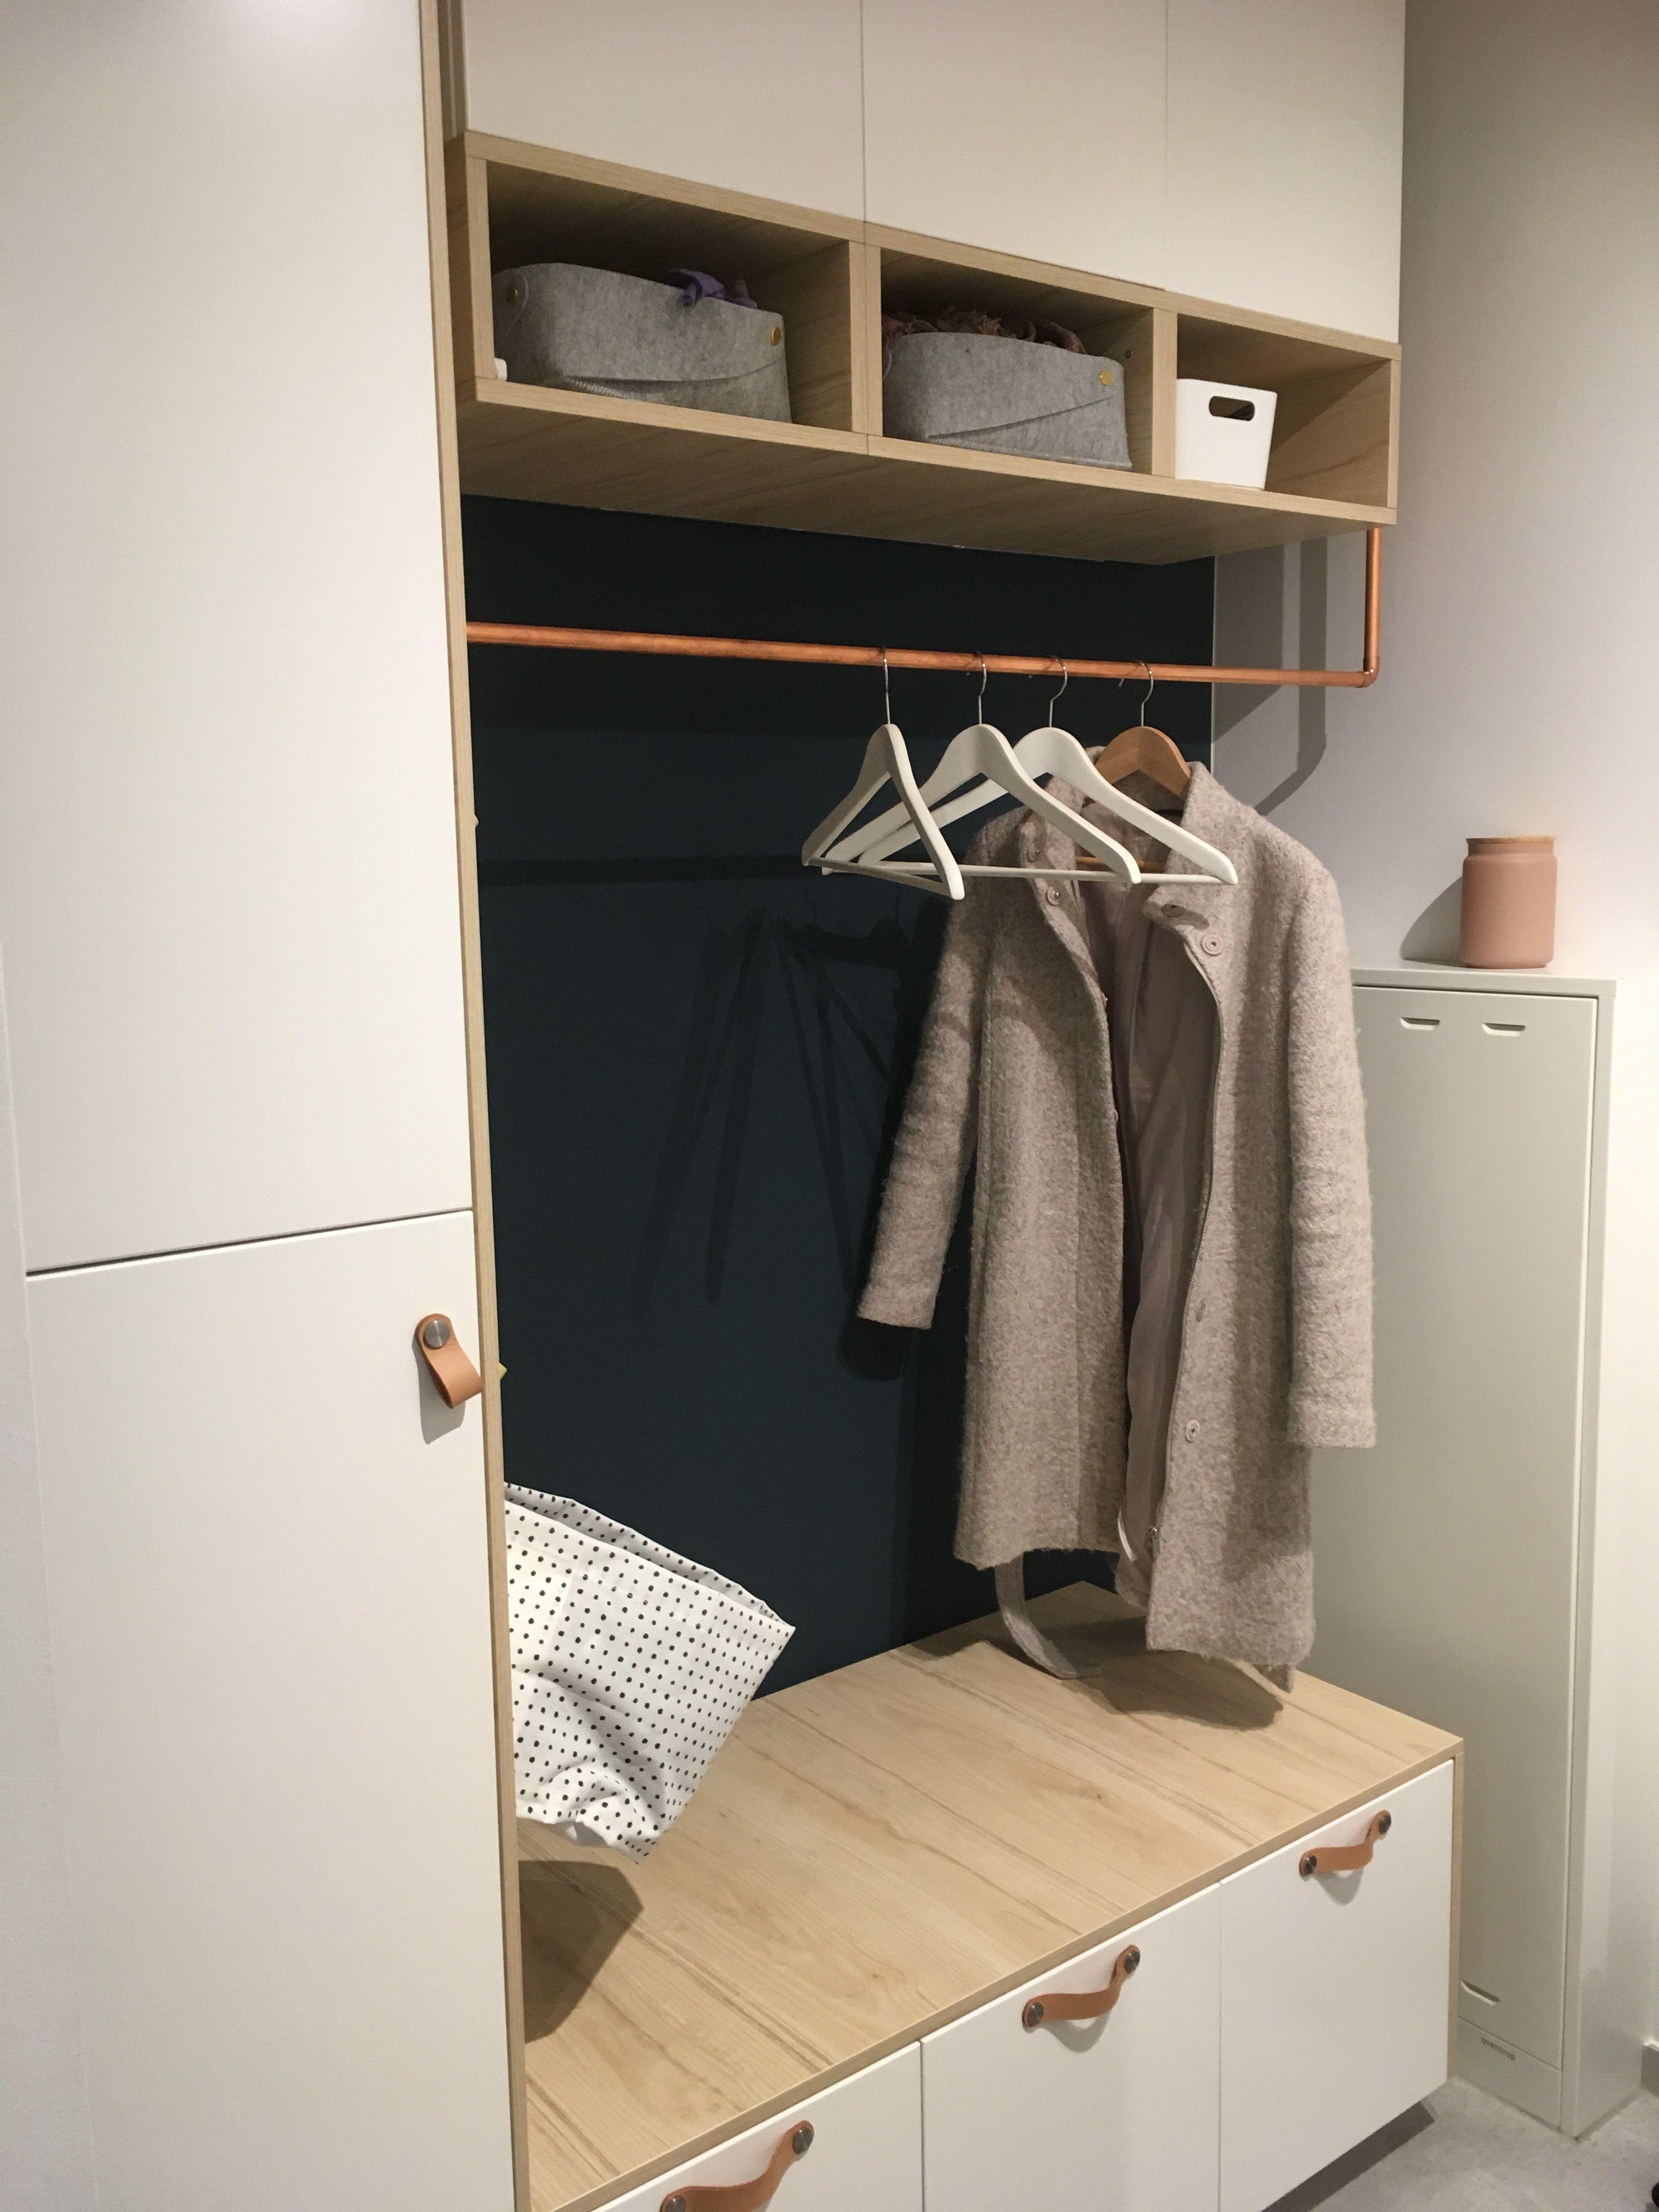 Das Ist Unsere Neue Garderobe Garderoben Eingangsbereich Garderobe Flur Einbauschrank